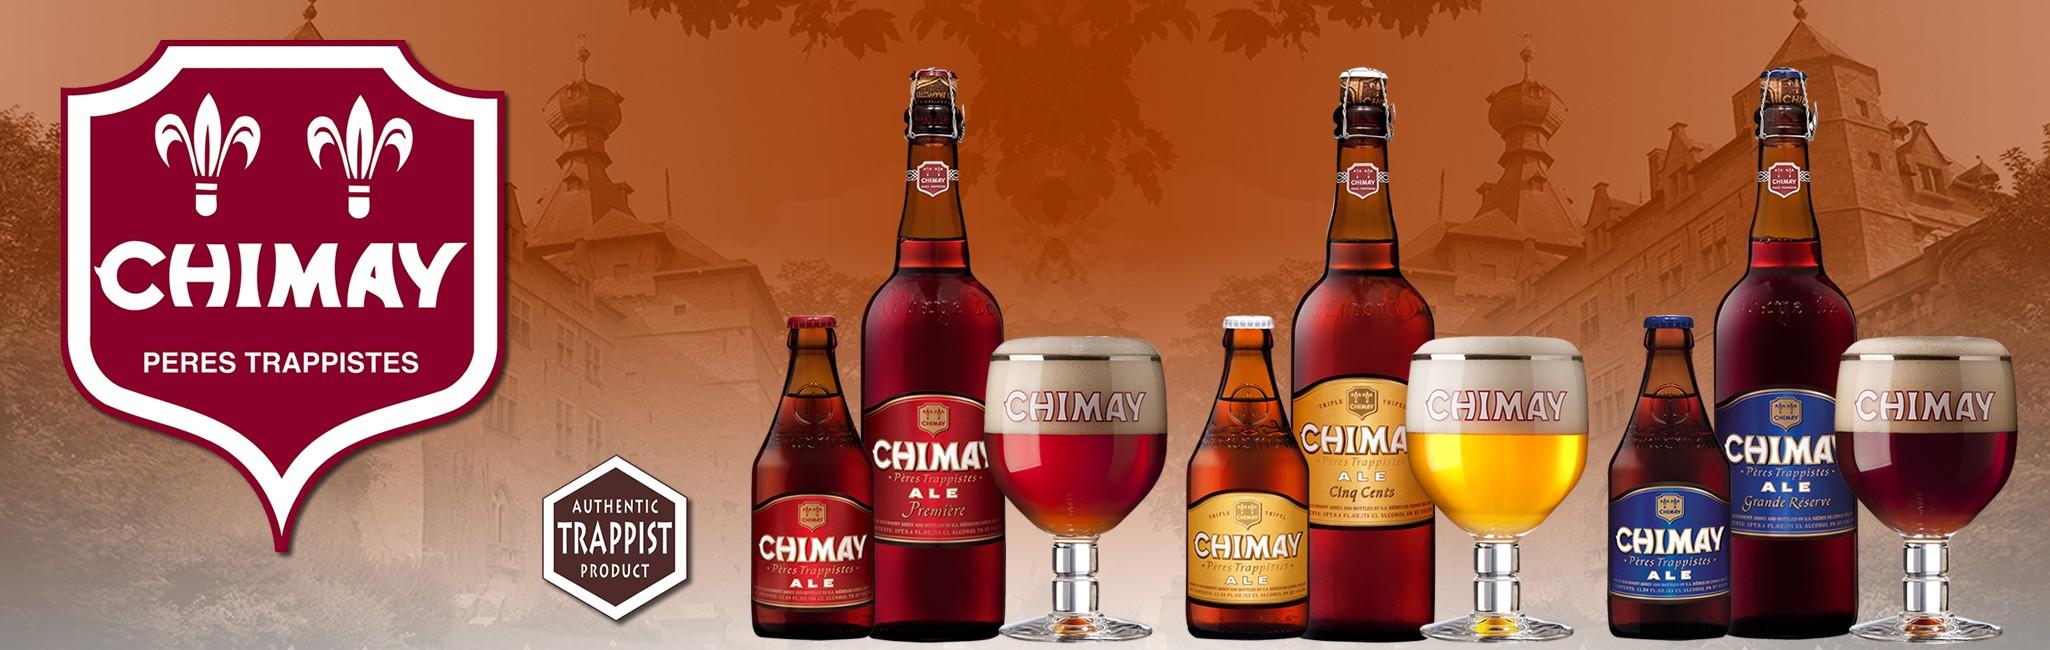 Chimay - Bélgica 🇧🇪